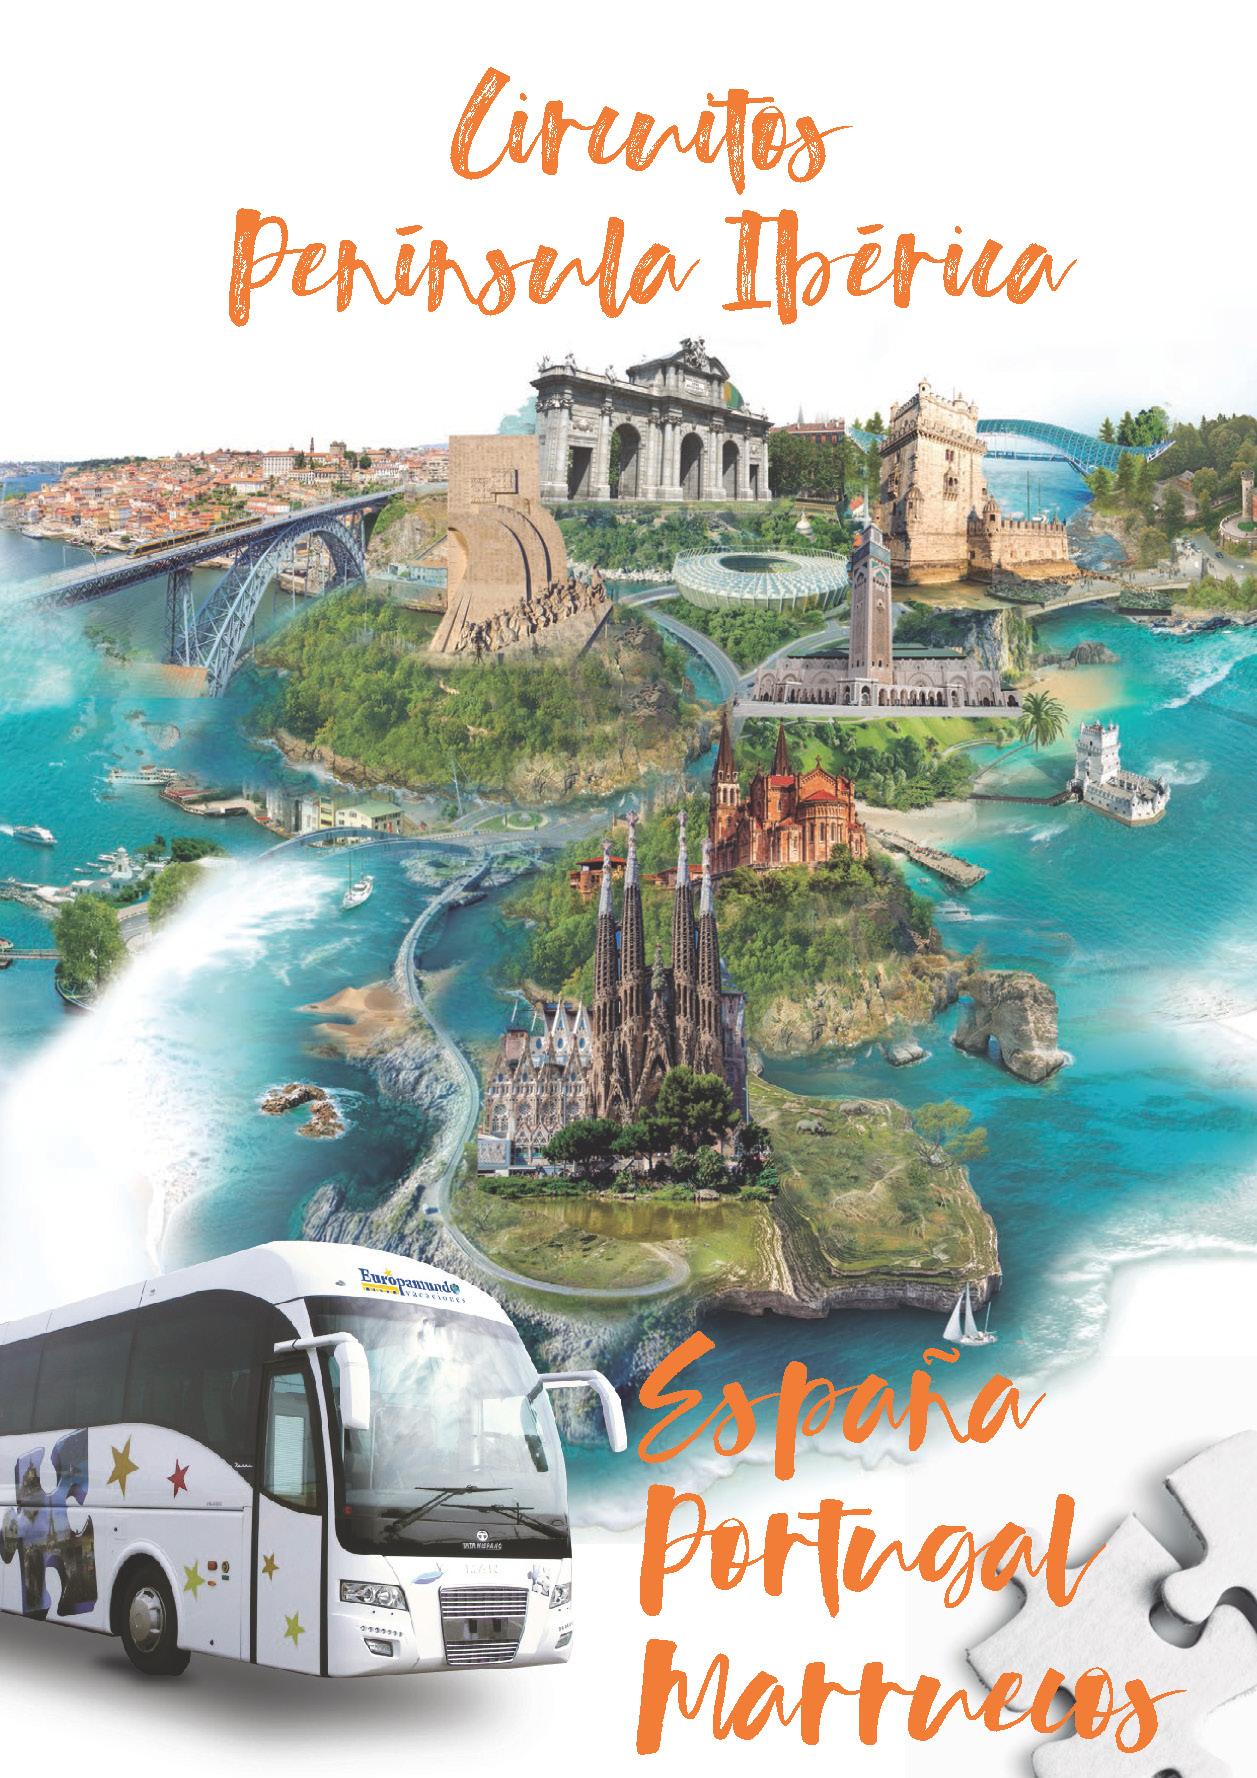 Catalogo Europamundo Vacaciones Peninsula y Marruecos 2018-2019